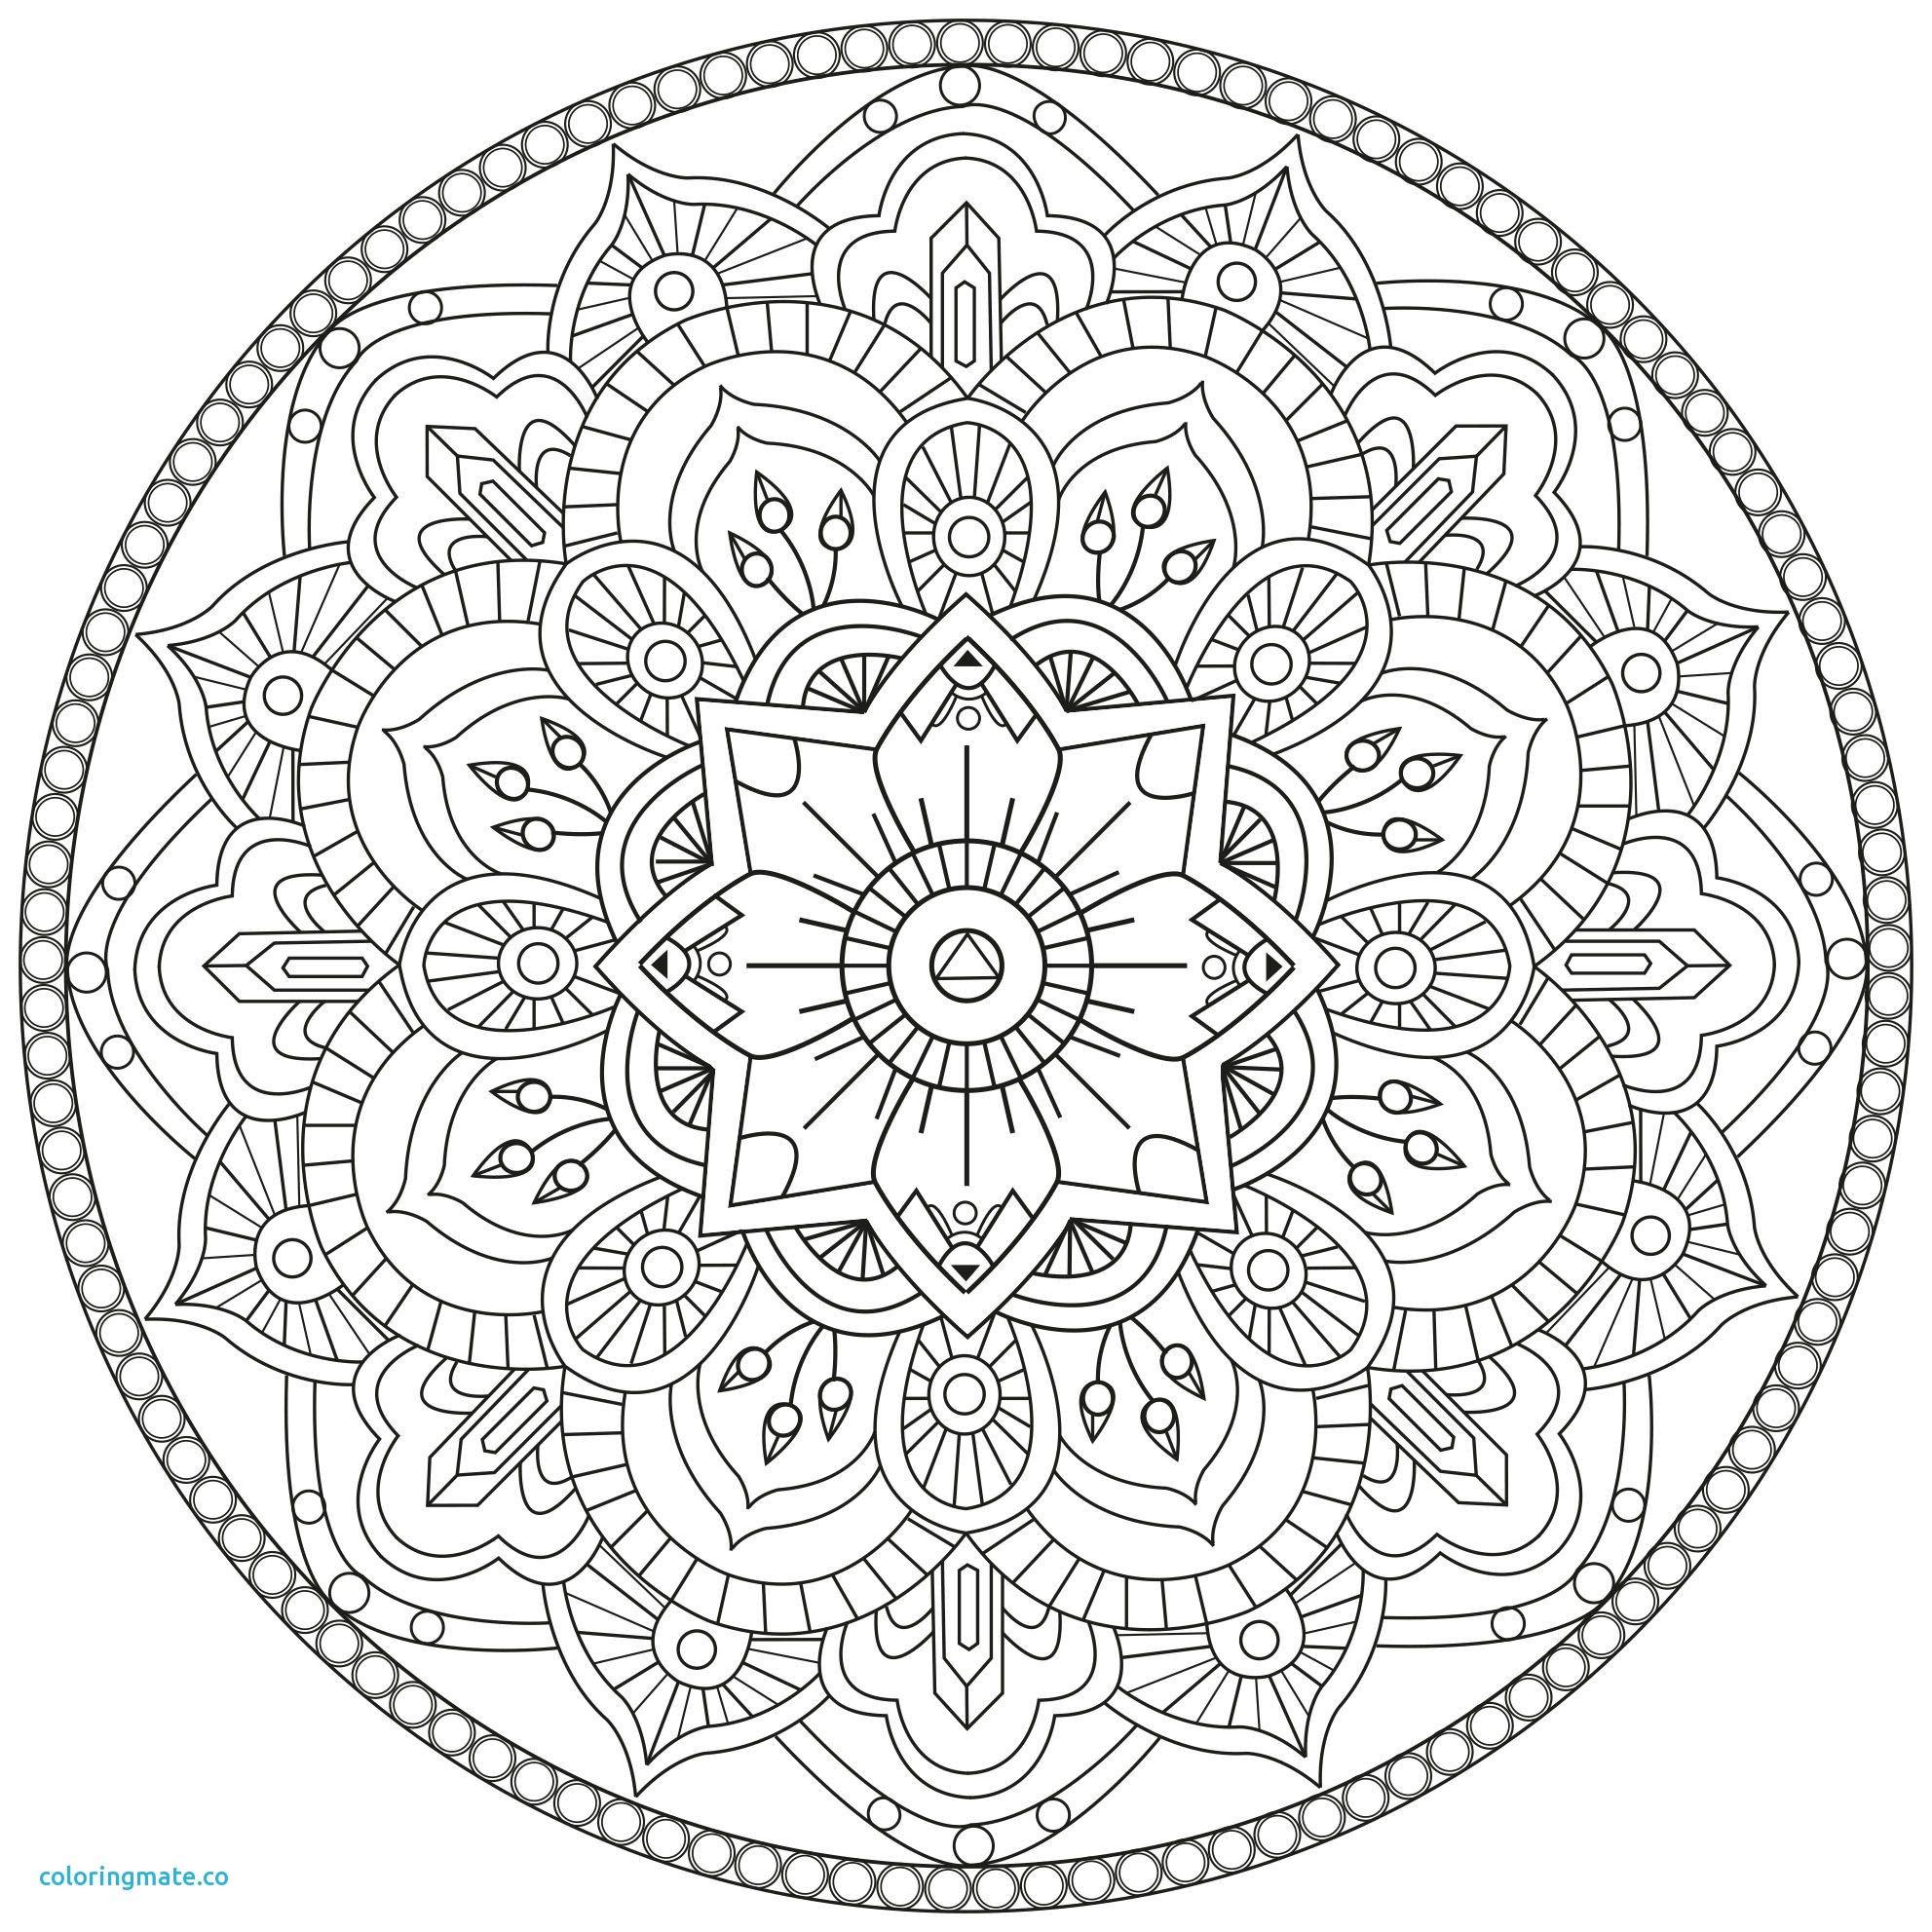 Voici Des Mandalas Difficiles Pour Adultes A Imprimer Mandala Est Of Coloriage Mandal Ethnique Ent Mandala Kleurplaten Kleurplaten Kleurplaten Voor Volwassenen